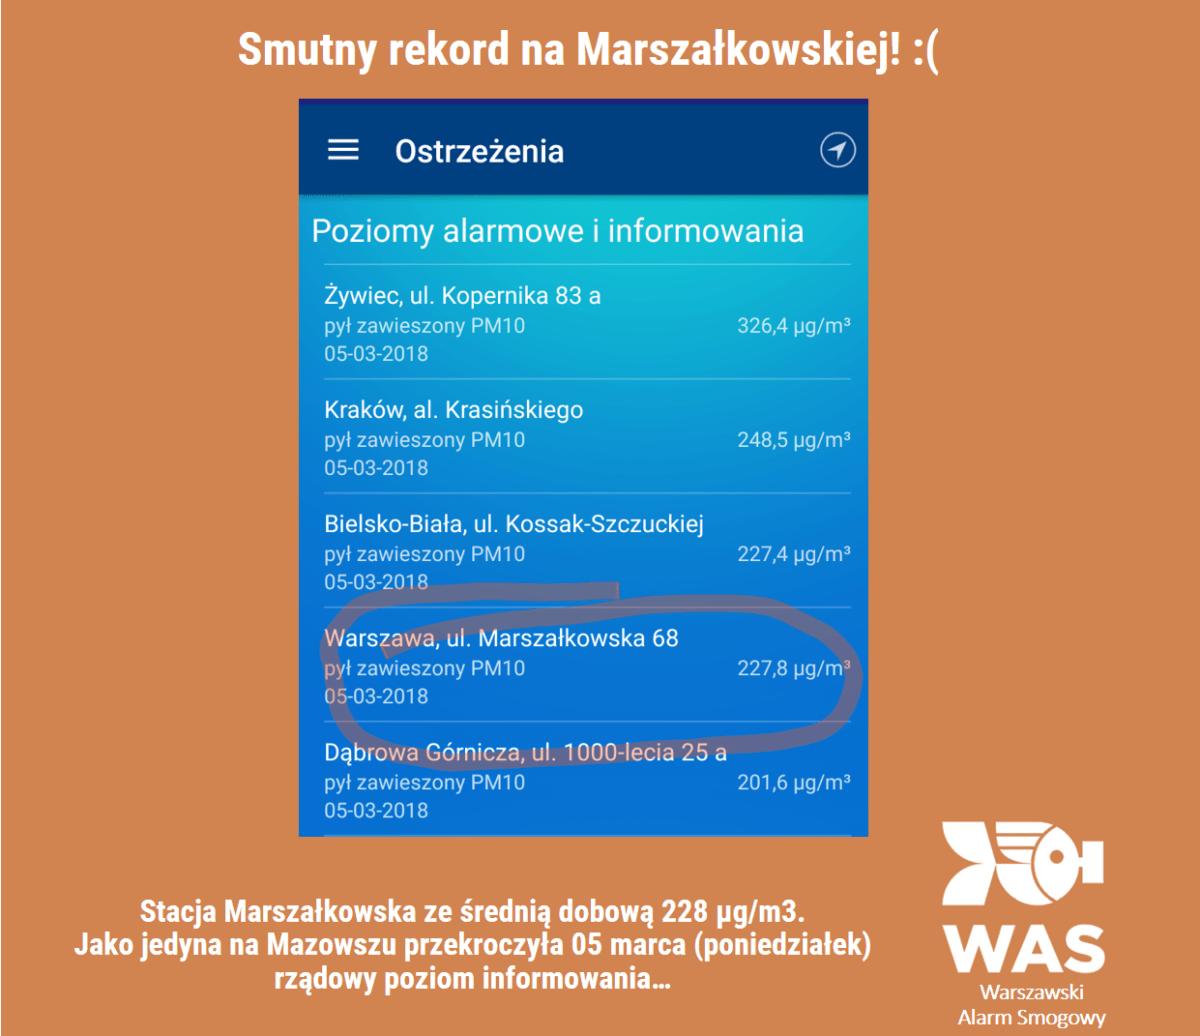 Smutny rekord naMarszałkowskiej!